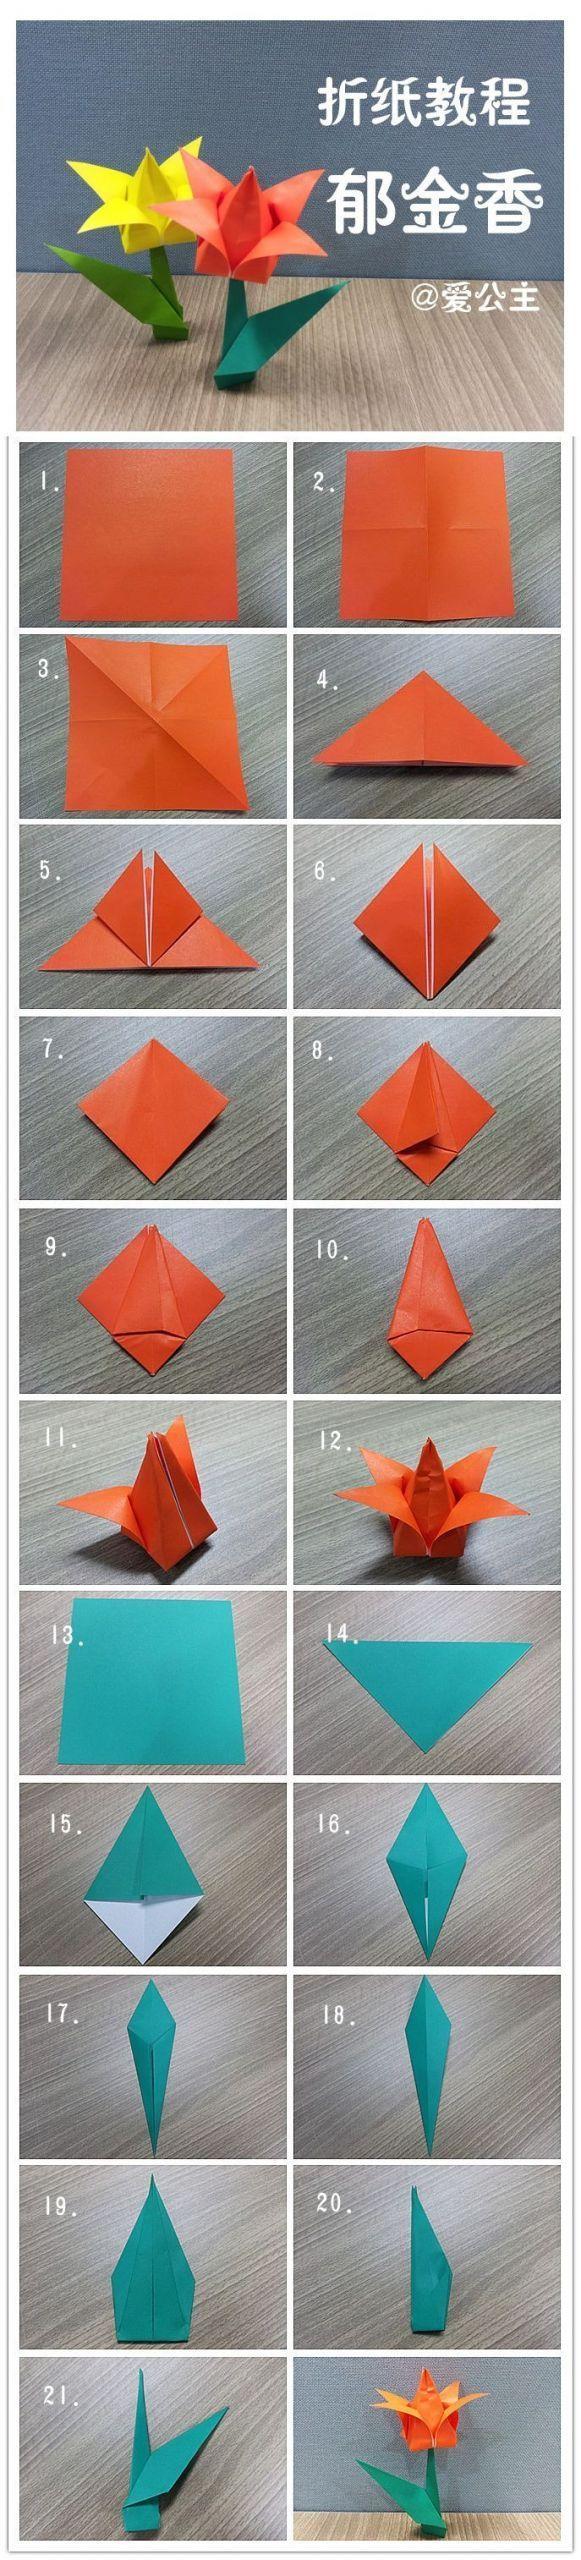 Kwiaty Z Papieru Diy Kwiaty Z Papieru Origami Crafts Origami Flowers Diy Paper Crafts Origami